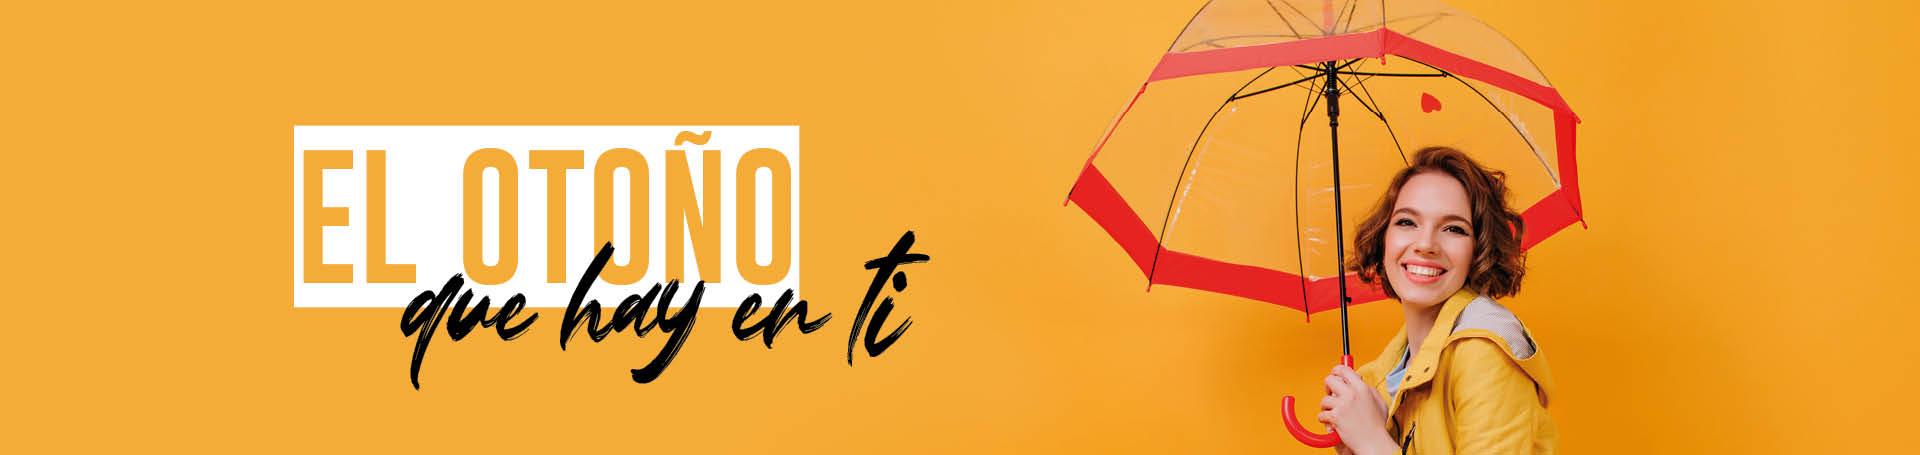 El mirador_otono21_banner web